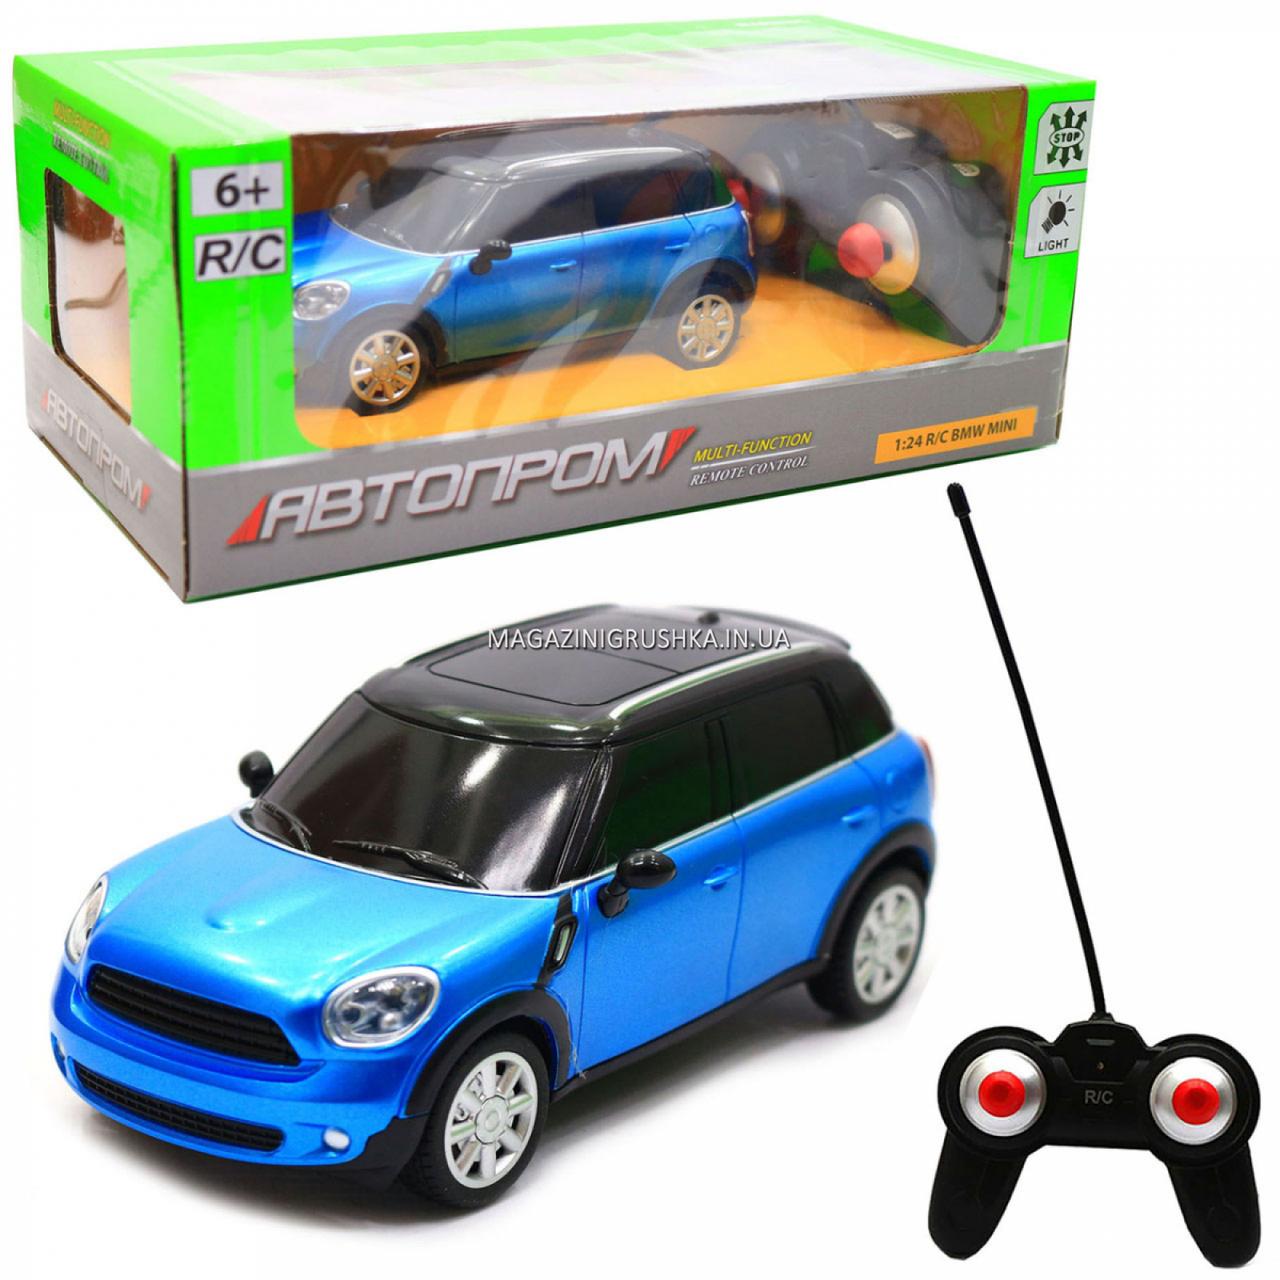 Машинка ігрова автопром на радіокеруванні BMW Mini синій (8826)